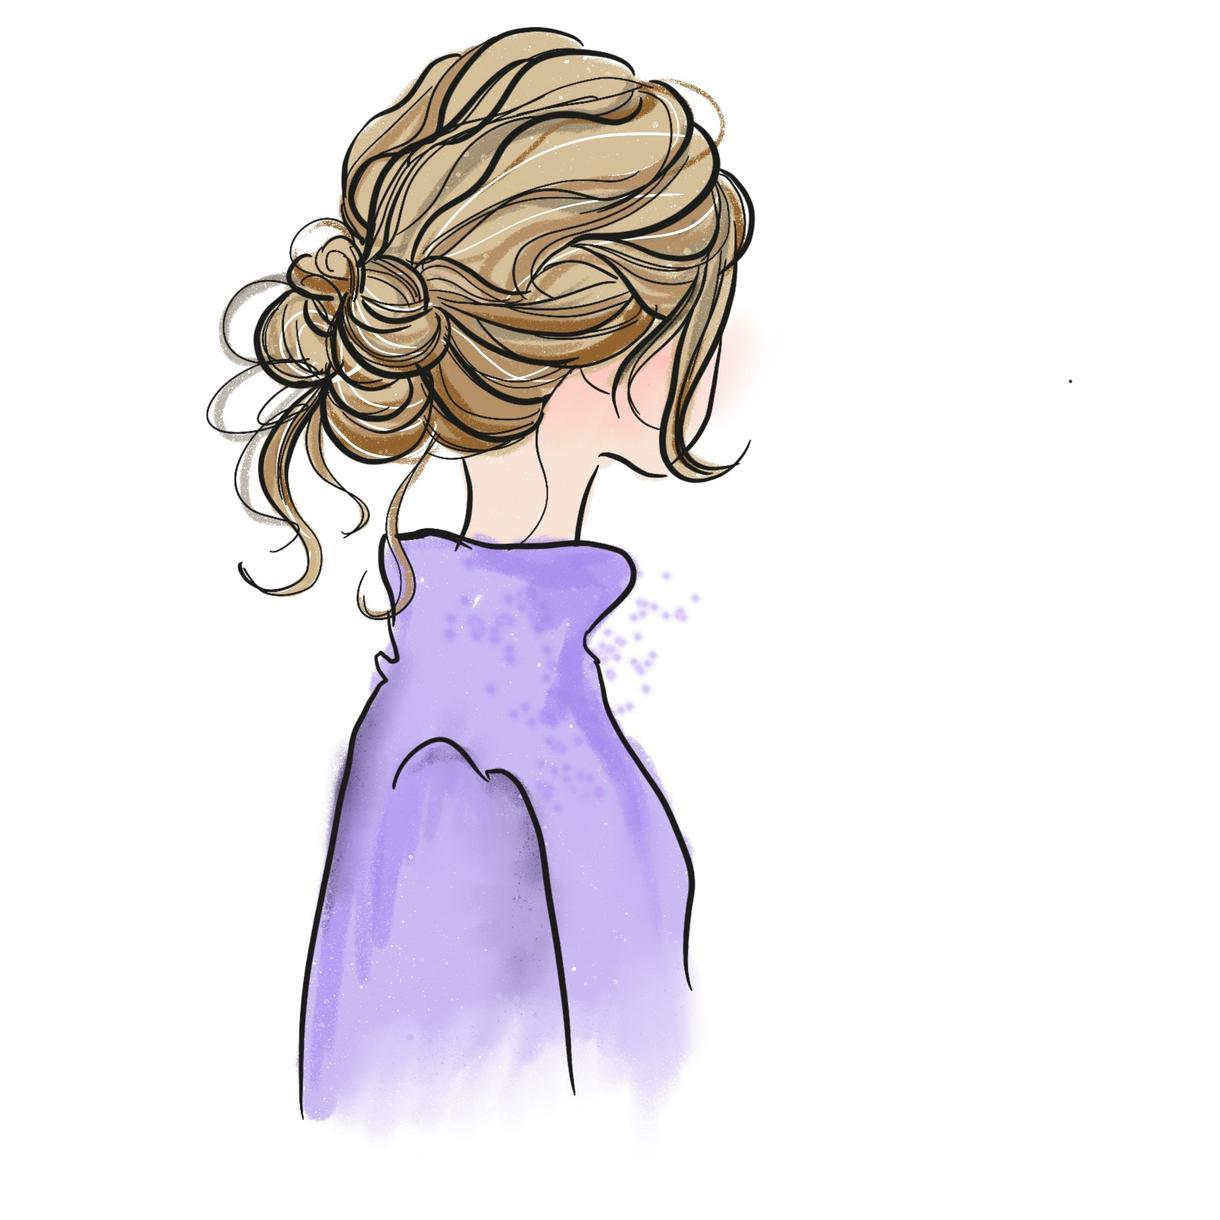 線描き、イラストを書きます シンプルで可愛い、おしゃれイラストを描きます!